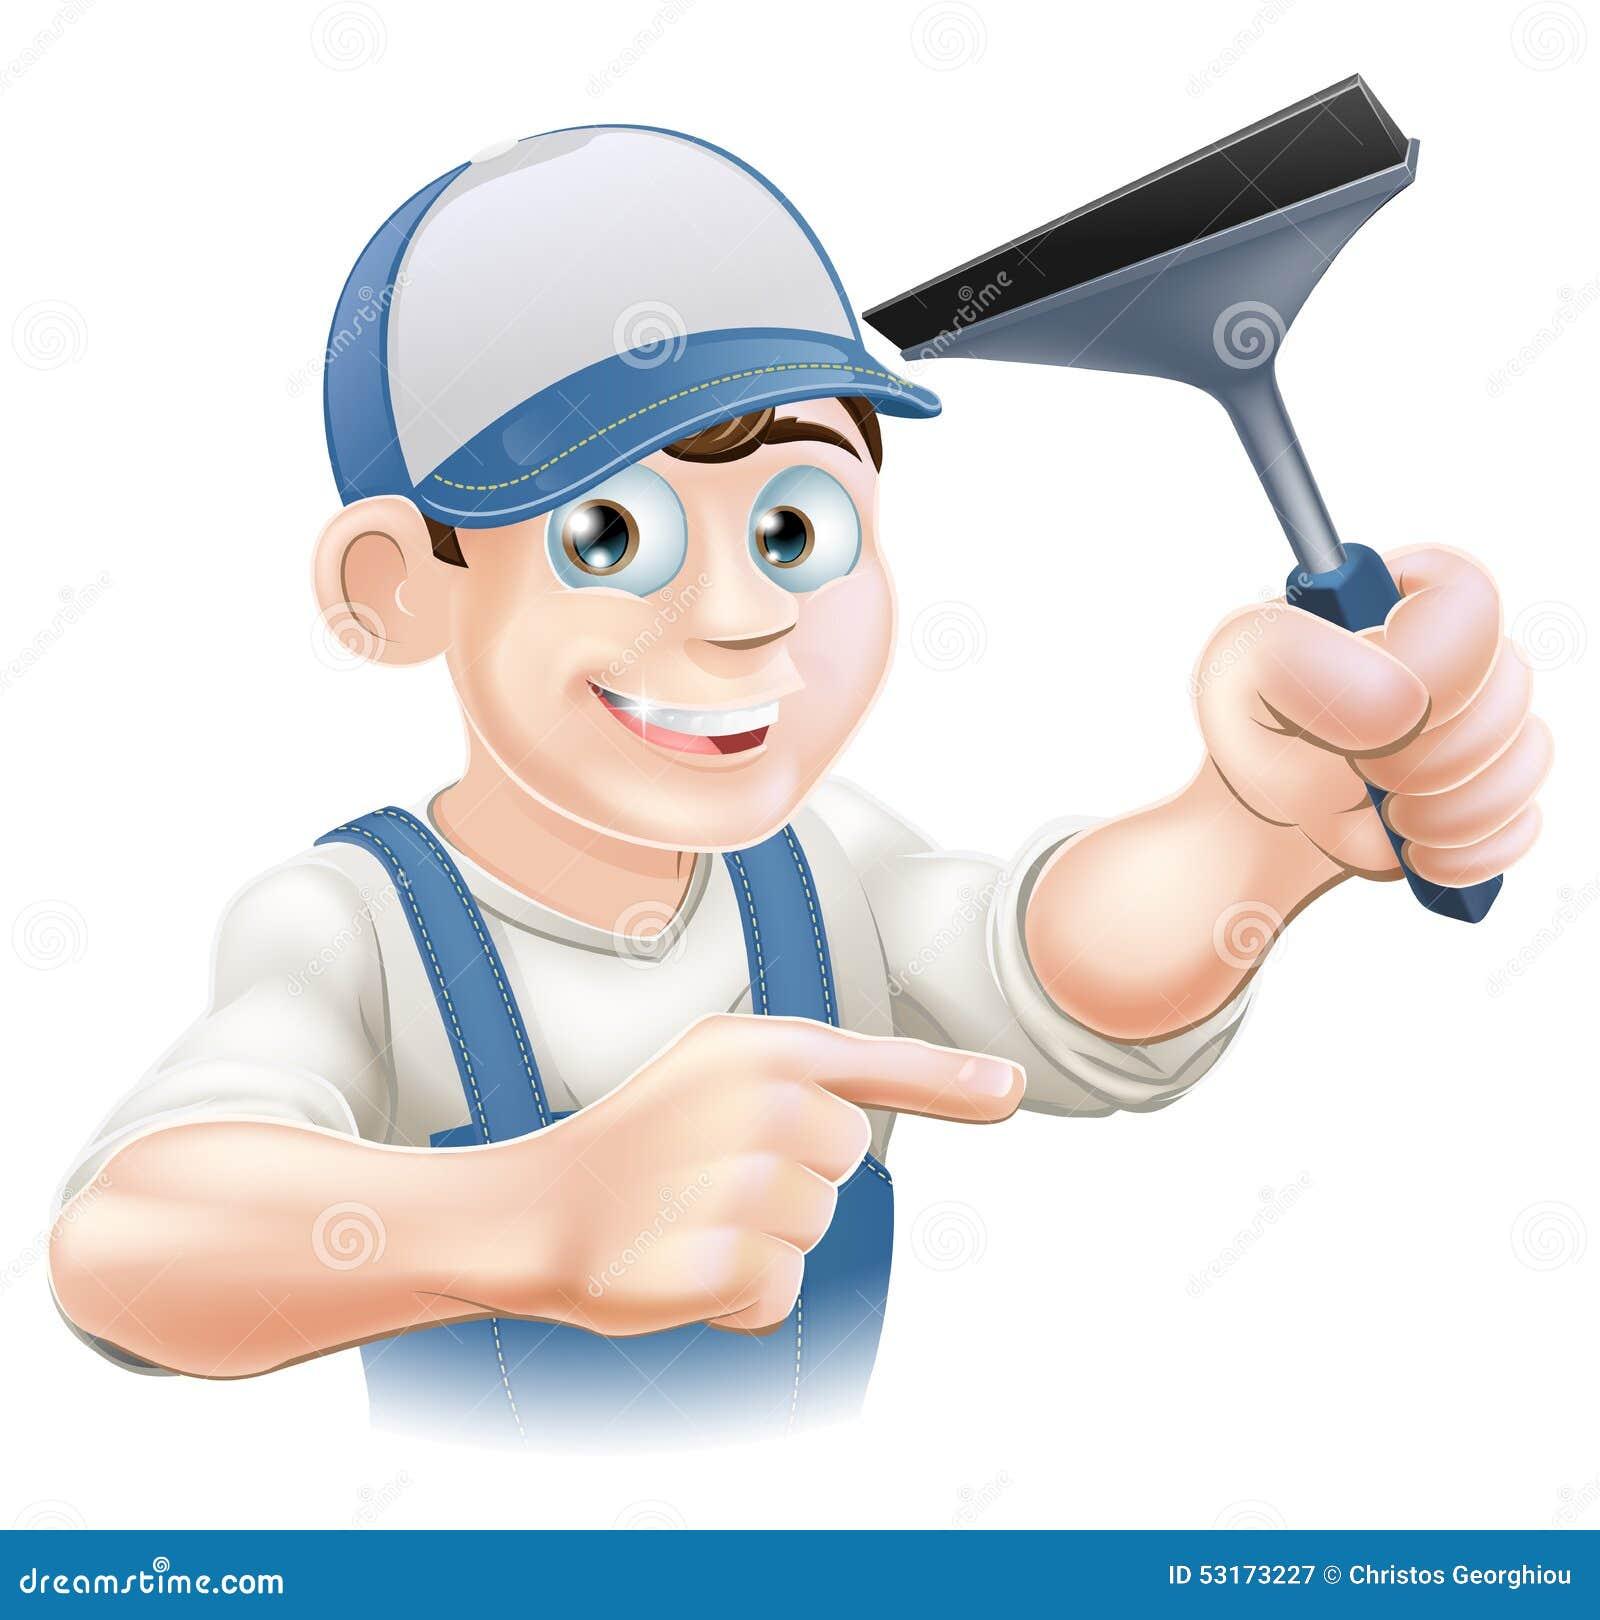 橡皮刮板风窗清洁器